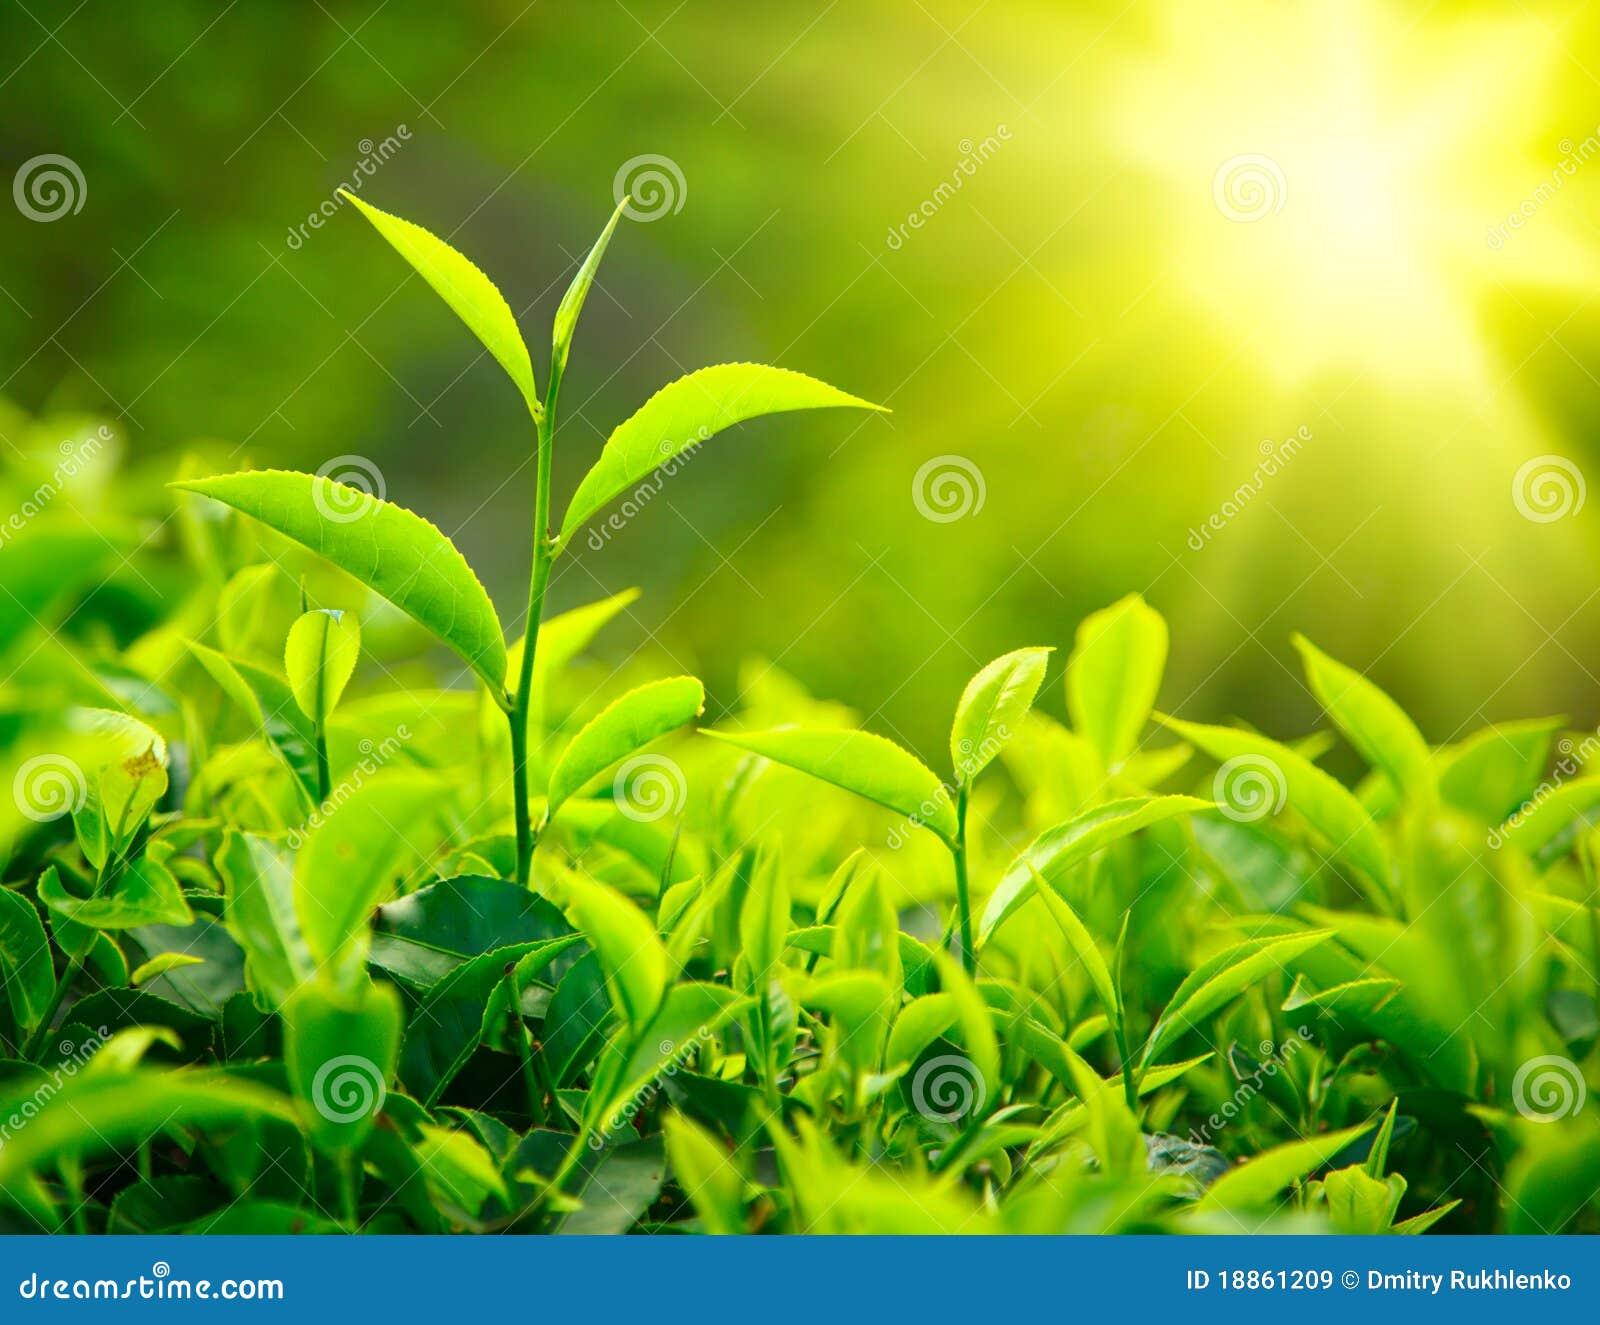 Botão e folhas do chá